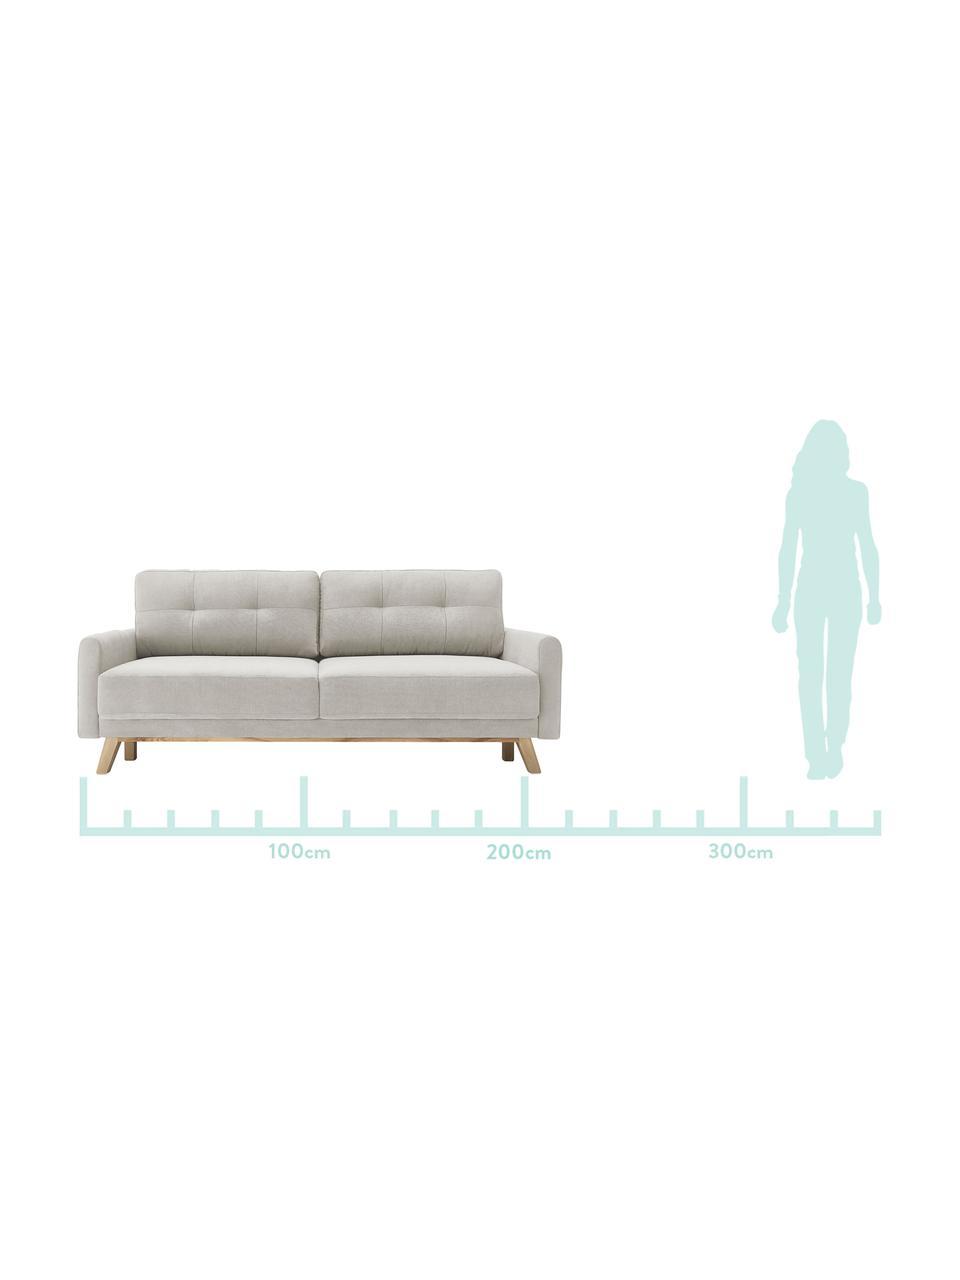 Sofa z aksamitu z funkcją spania i schowkiem Balio (3-osobowa), Tapicerka: aksamit poliestrowy Dzięk, Nogi: drewno naturalne, Odcienie kremowego, S 216 x G 102 cm